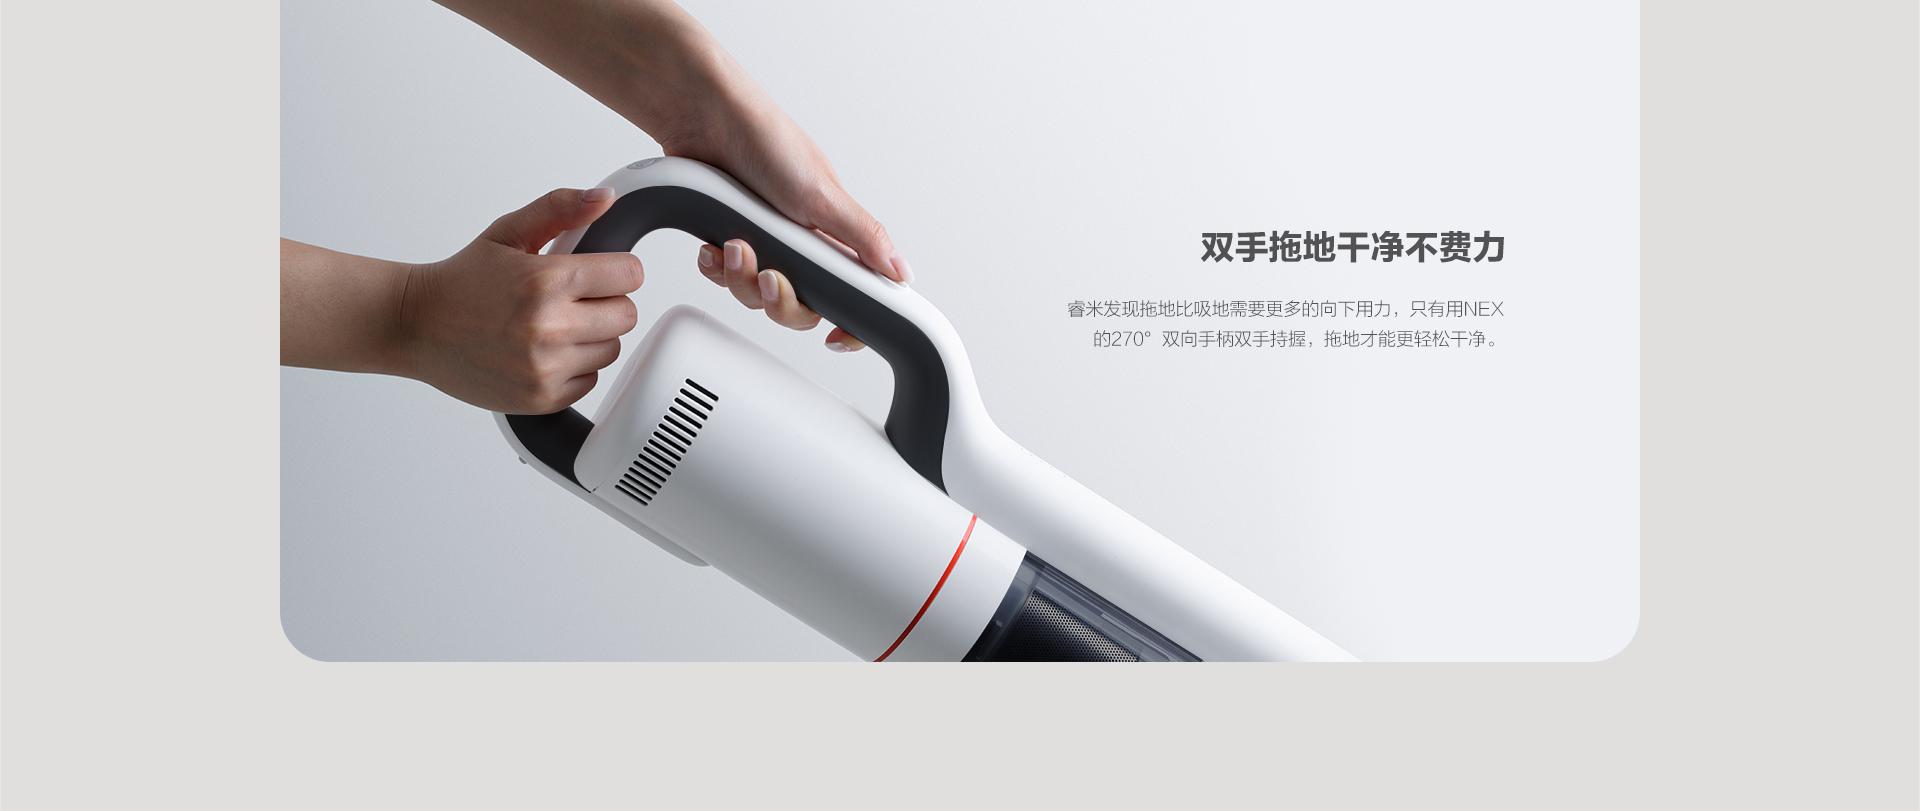 睿米NEX无线吸尘器机身轻,就算是手无缚鸡之力的柔软少女也能够灵活使用睿米NEX无线吸尘器